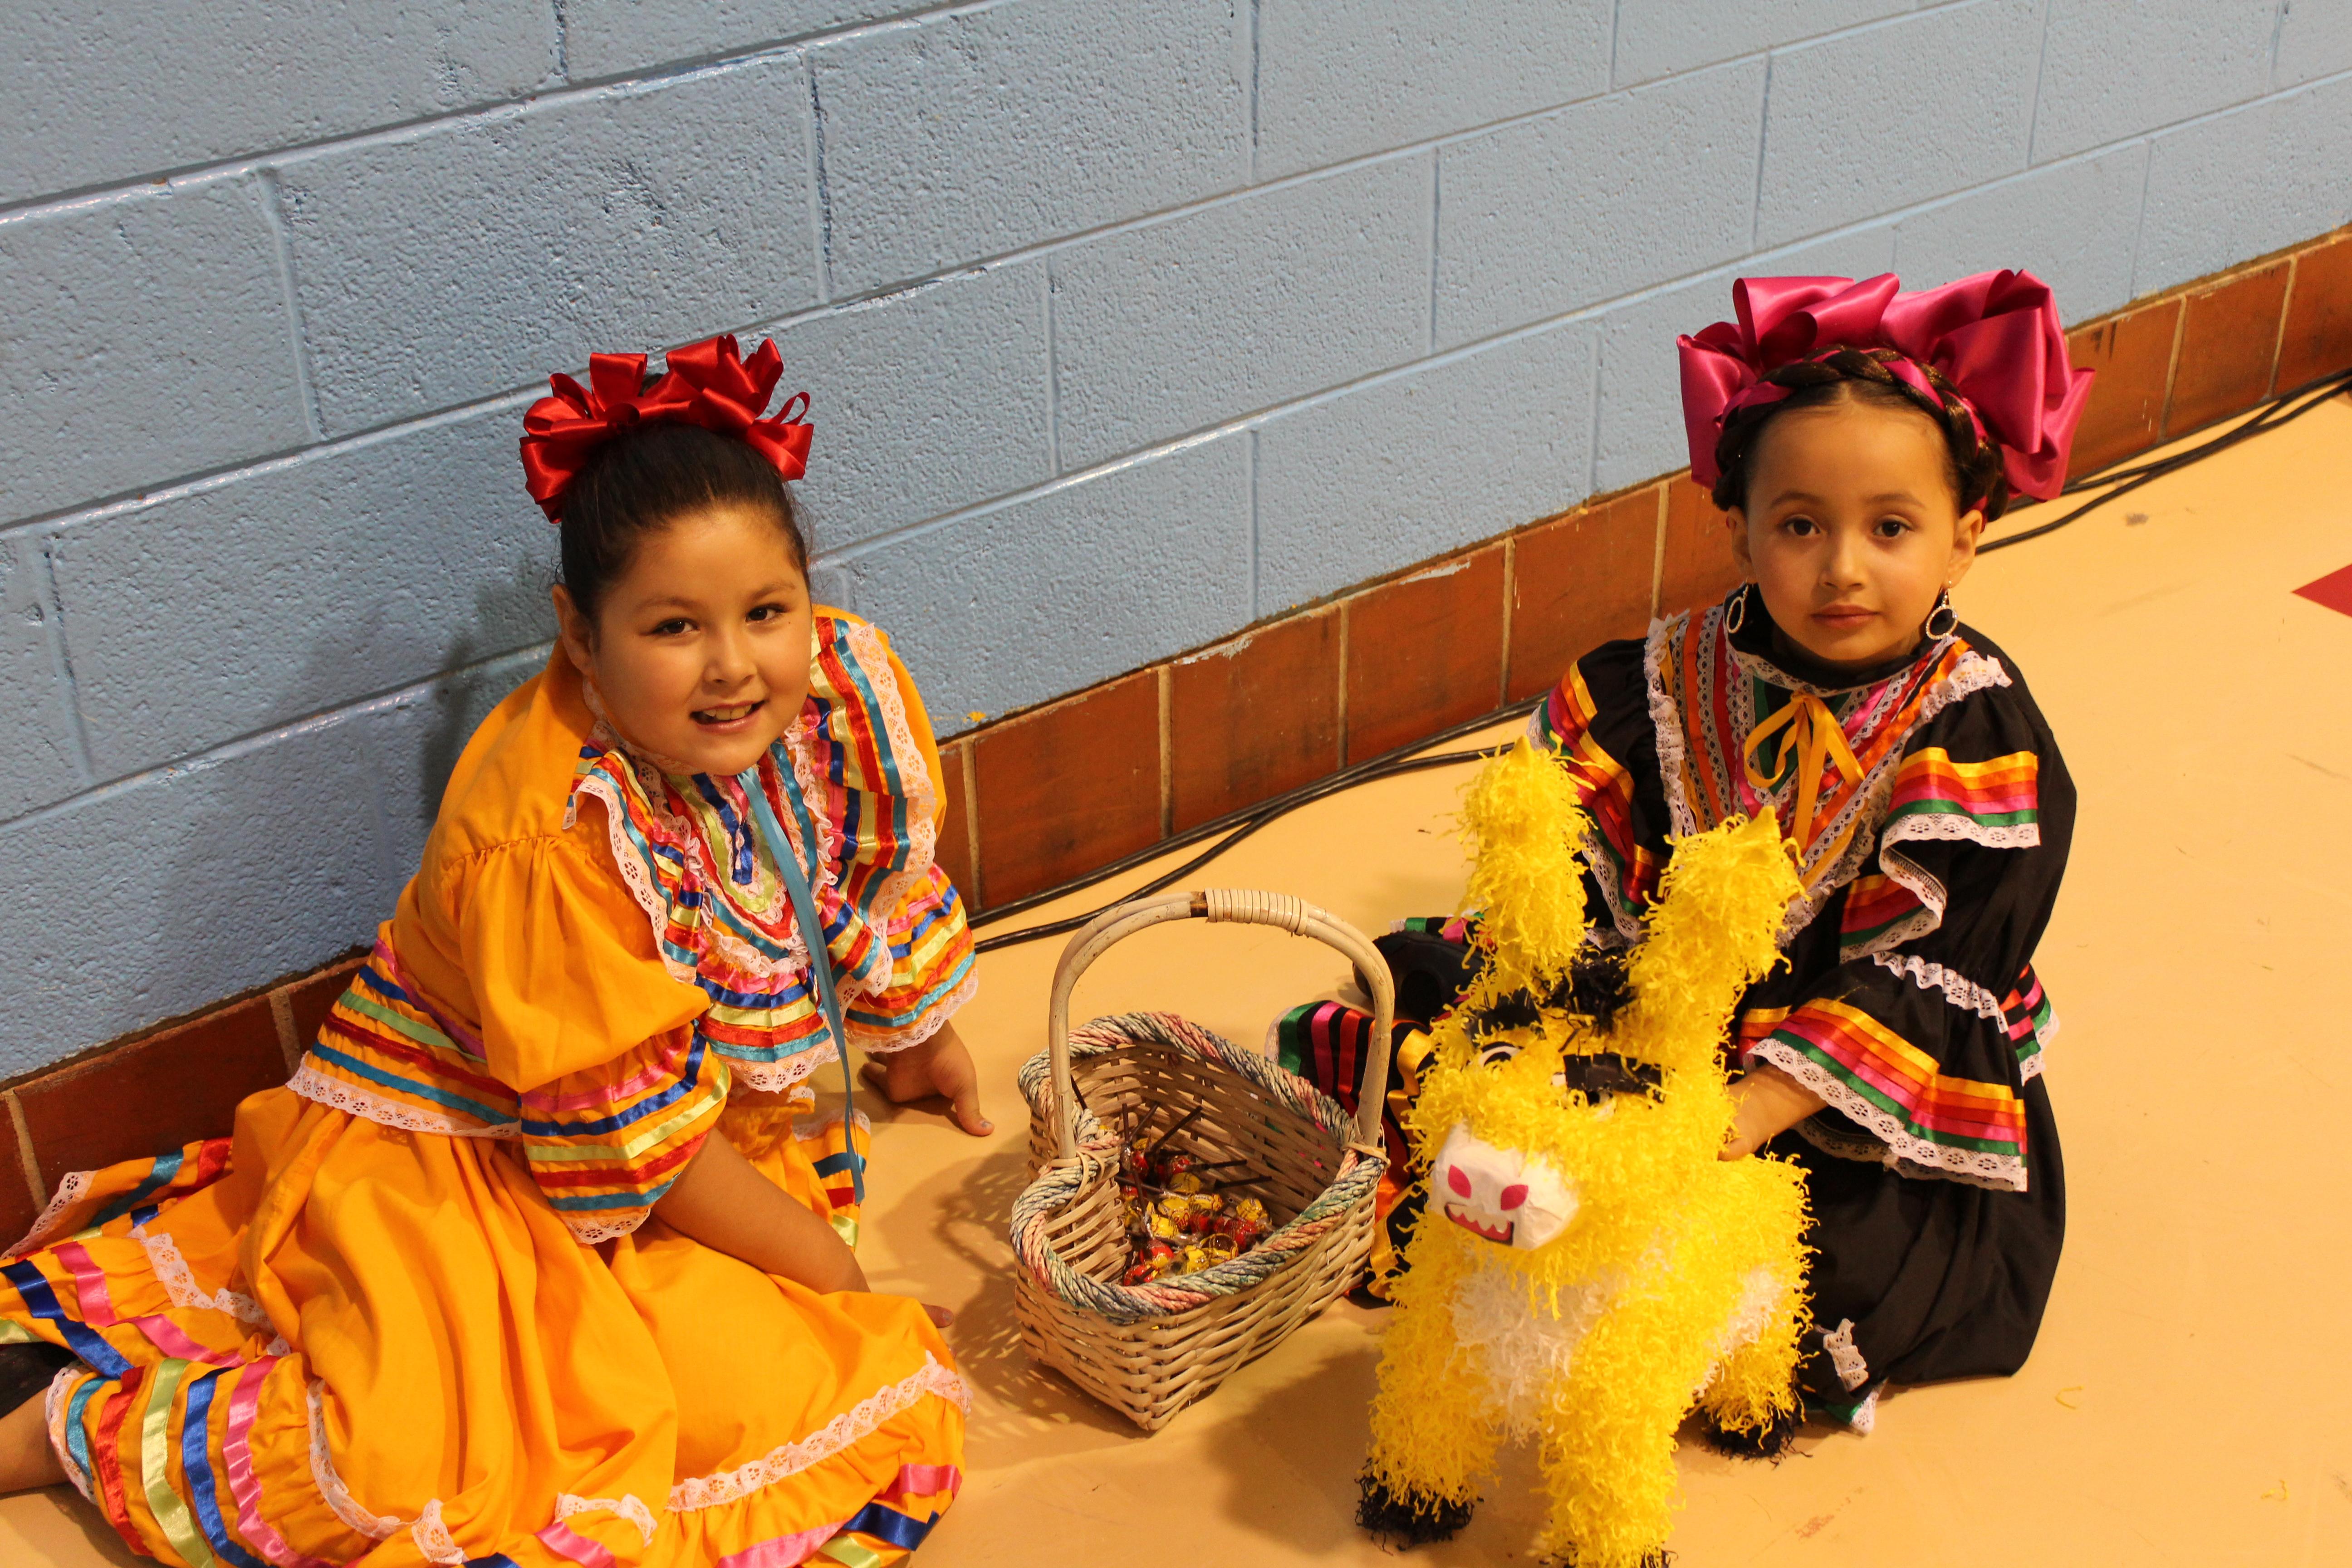 Girls costume pinata